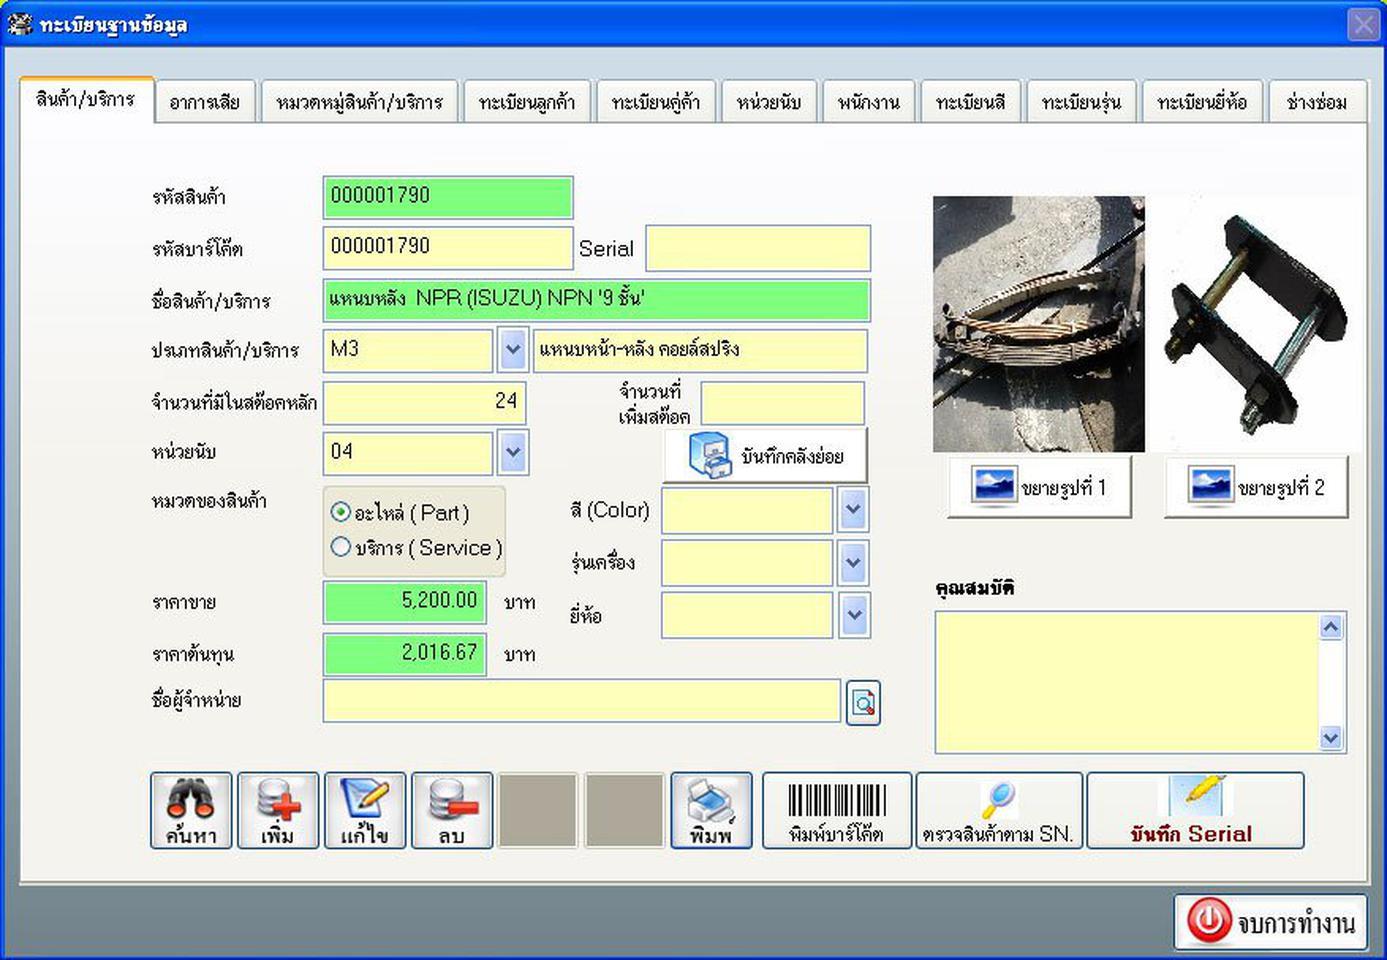 โปรแกรมศูนย์ซ่อม, โปรแกรมศูนย์ซ่อมและบริการ, โปรแกรมอู่, อู่ซ่อมเครื่องยนต์, โปรแกรมอู่ซ่อมรถและศูนย์บริการ,โปรแกรมอู่ซ่ รูปที่ 6